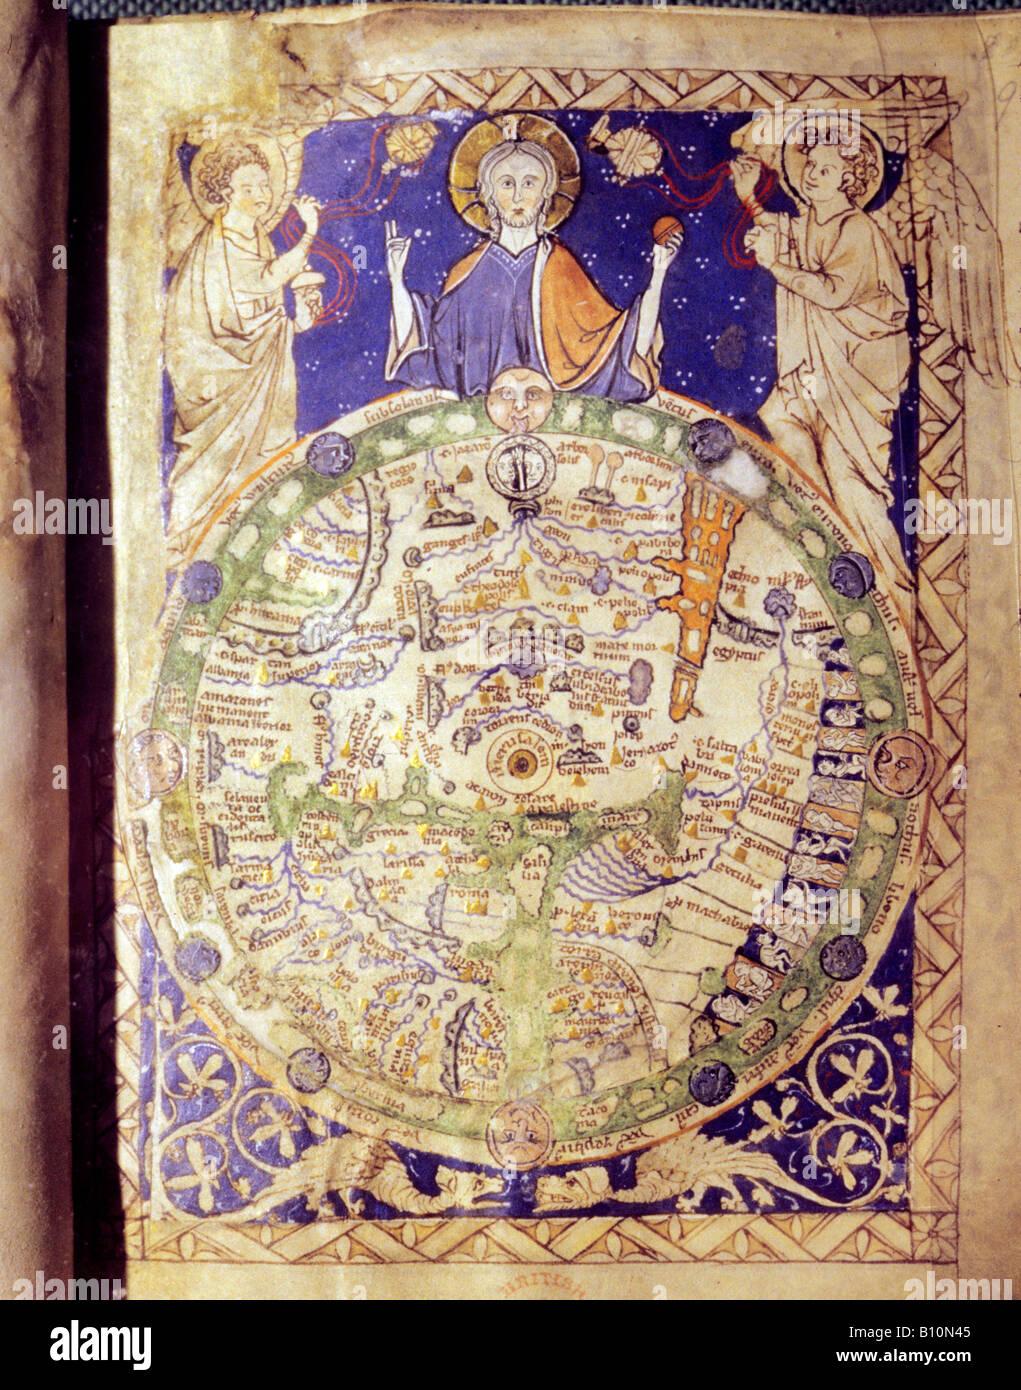 Mittelalterliche Weltkarte mit Jerusalem in der Mitte 1275 Stockbild